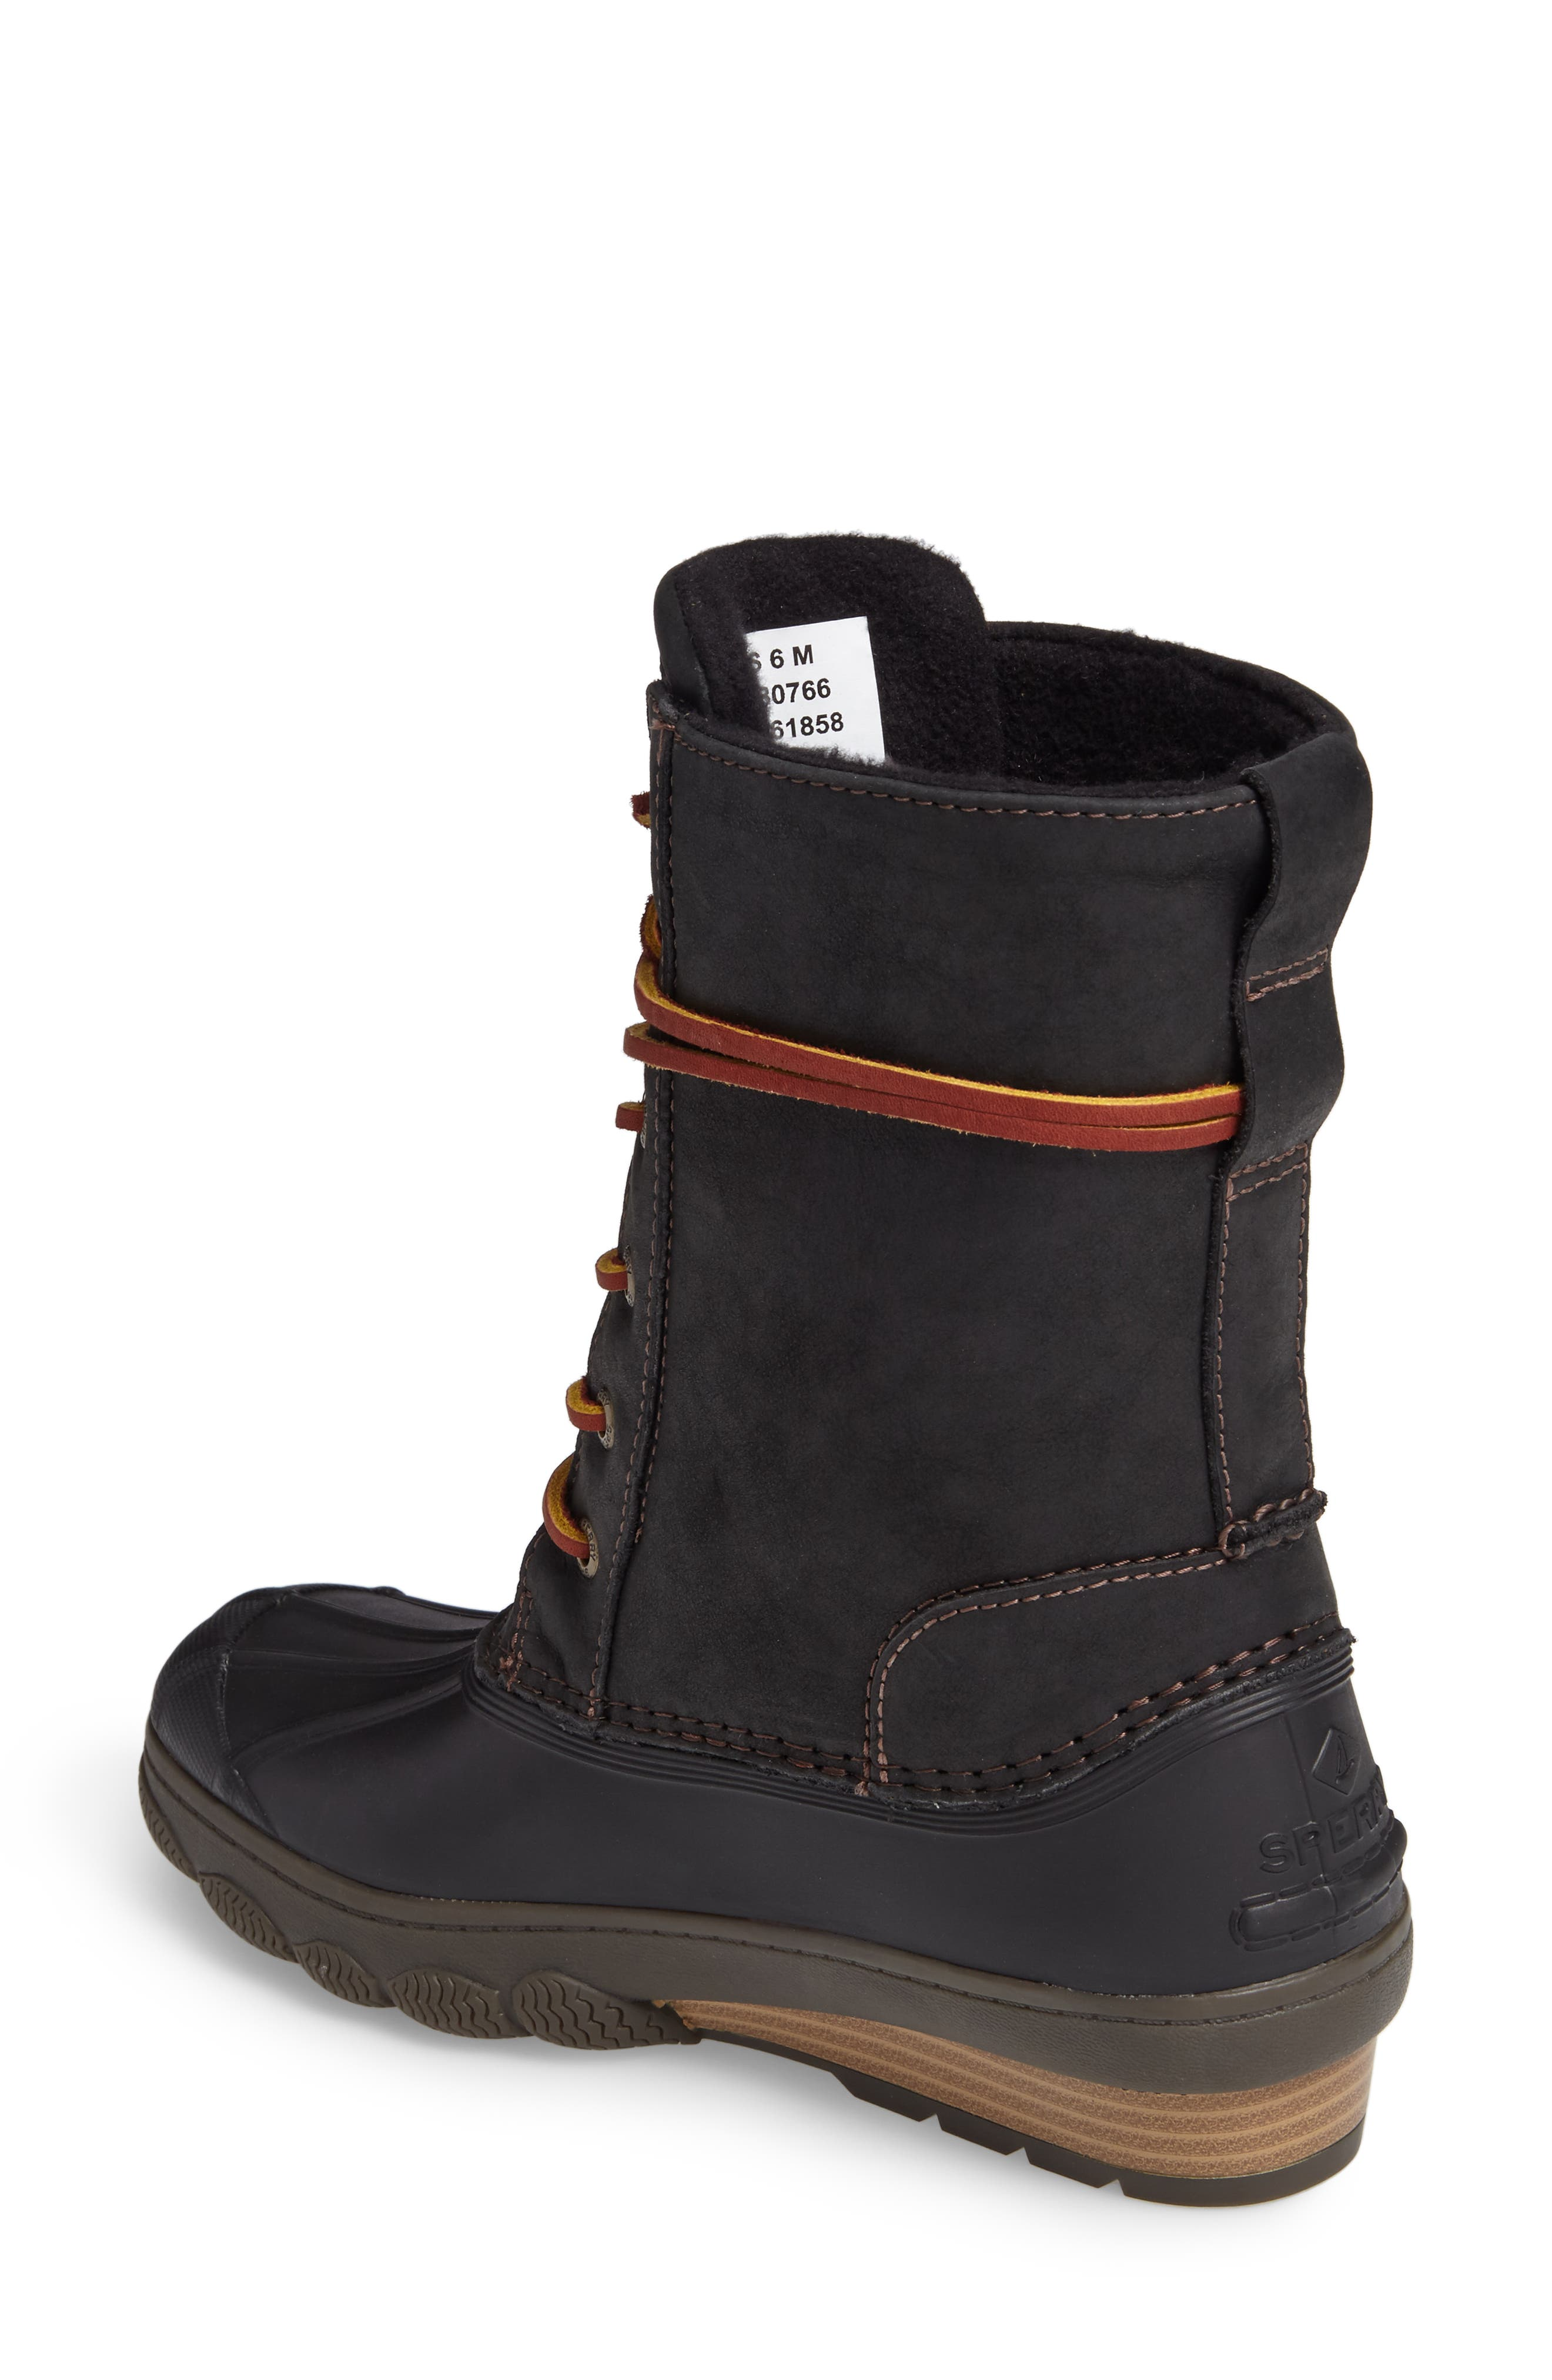 Saltwater Wedge Reeve Waterproof Boot,                             Alternate thumbnail 2, color,                             001